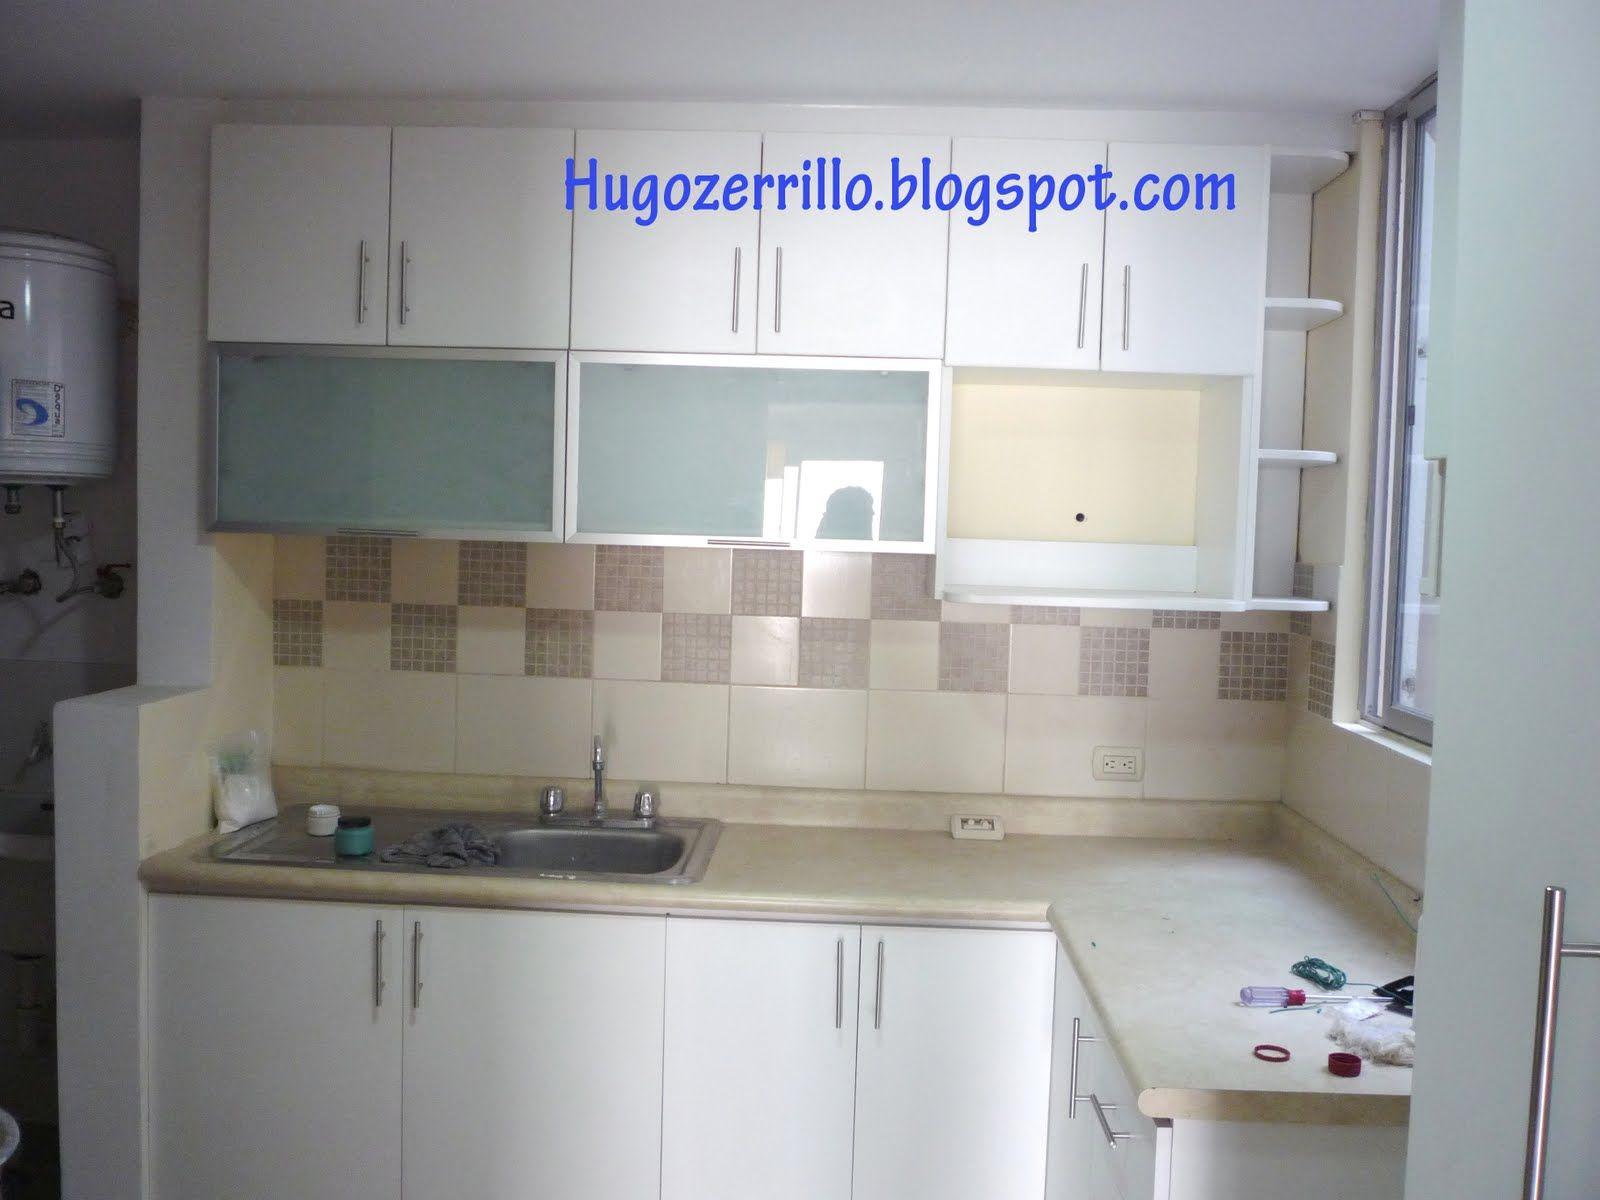 Resultado de imagen para amoblamientos de cocina cocinas for Amoblamientos de cocina